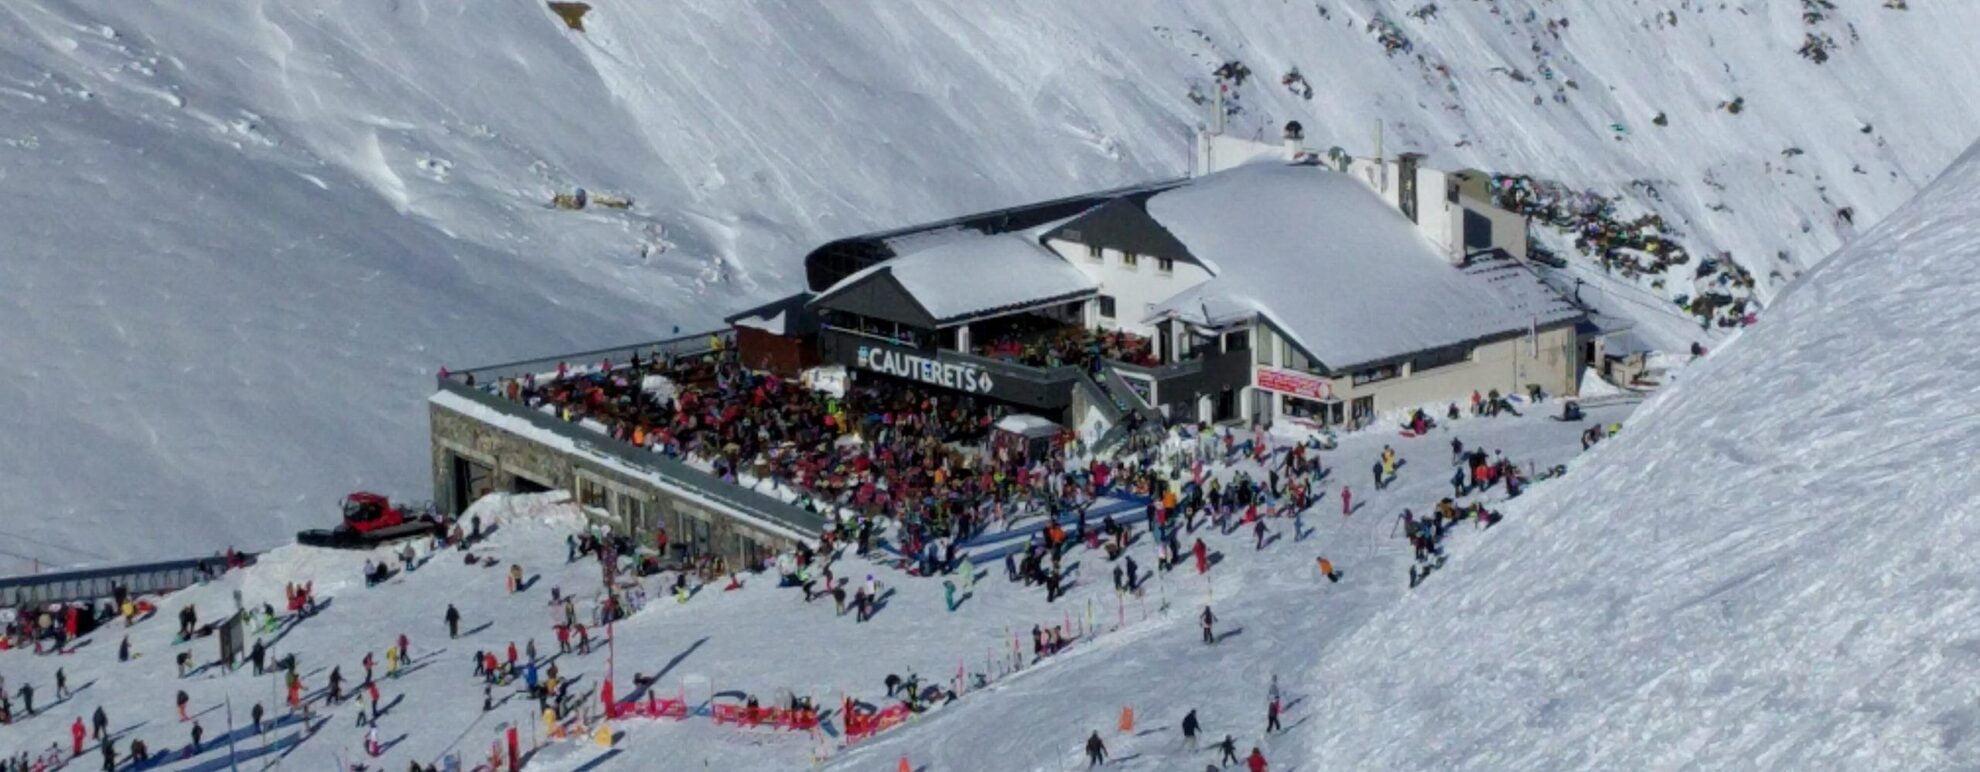 Skier à Cauterets, Pyrénées